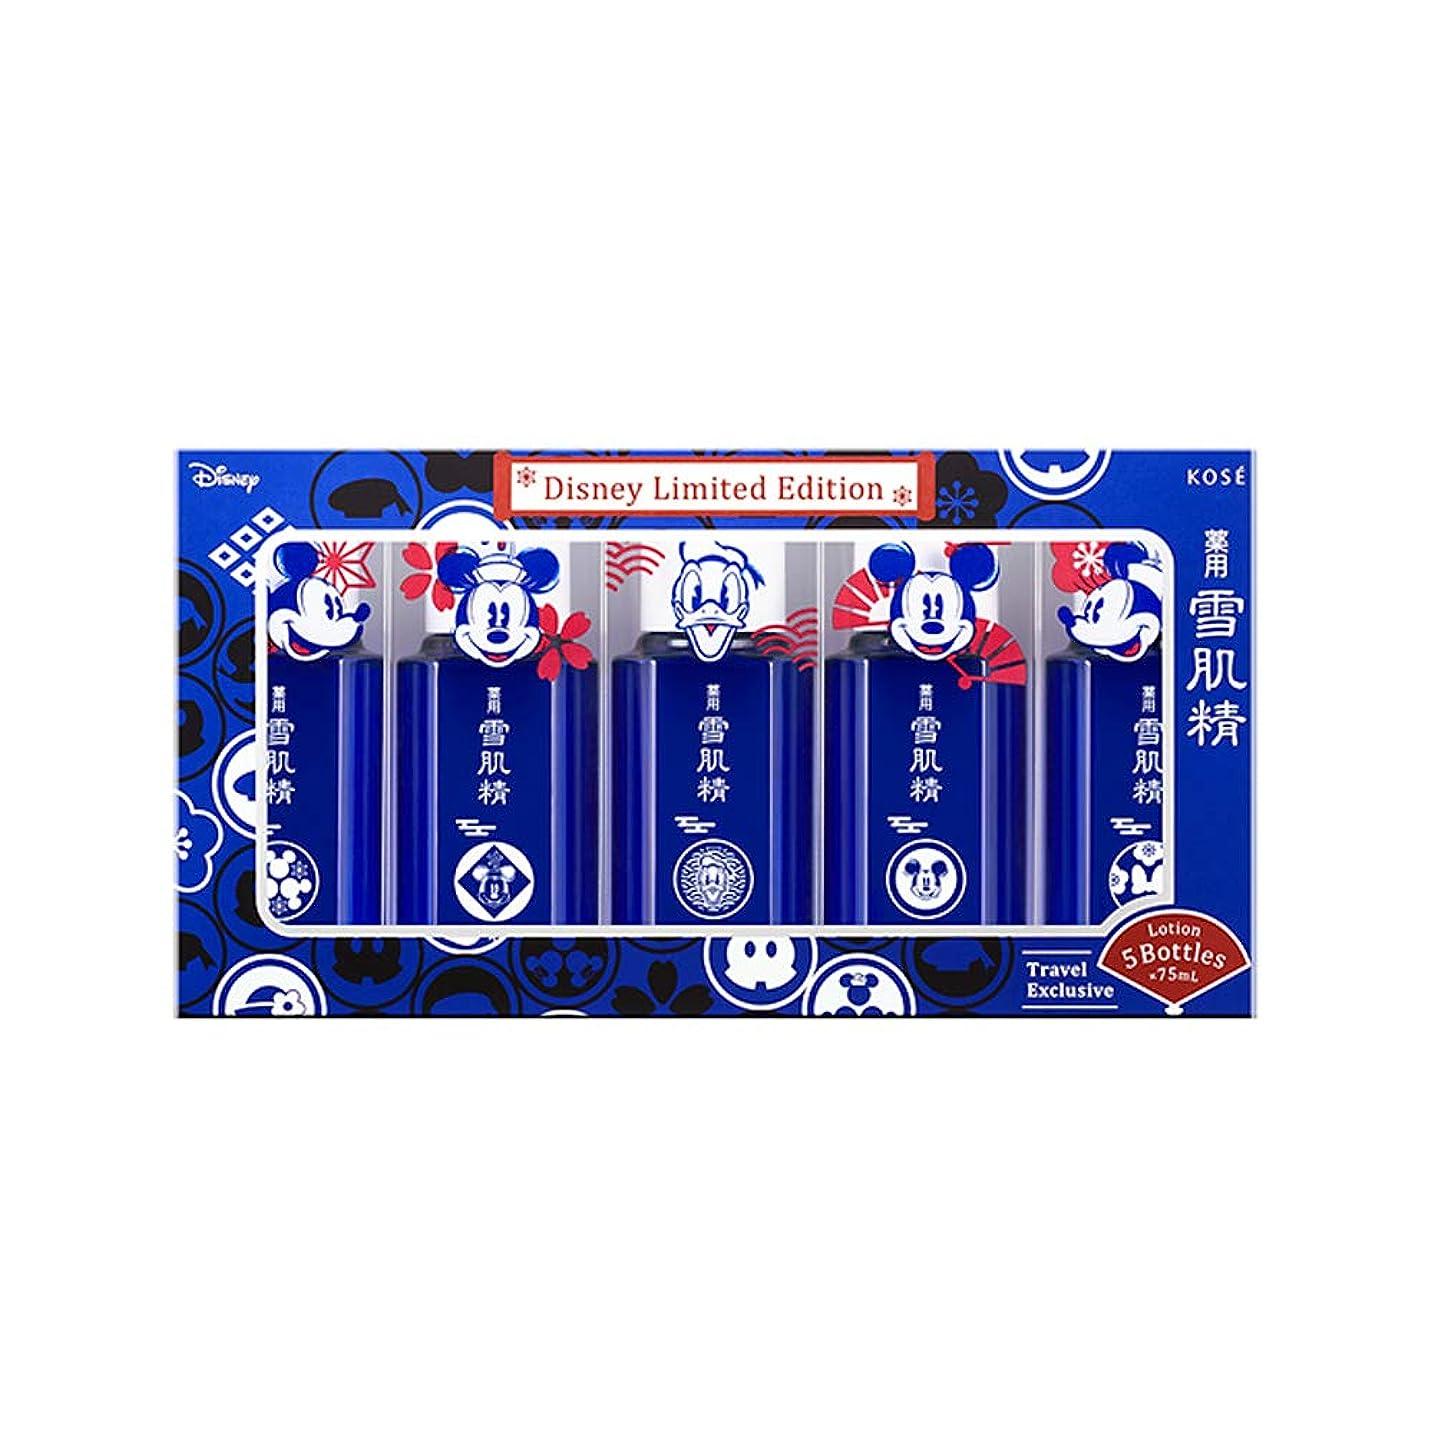 つかむ食べるセンチメートルコーセー 雪肌精 薬用 雪肌精 化粧水 セット 75 ディズニー リミテッド エディション(限定) [ 化粧水 ] [並行輸入品]